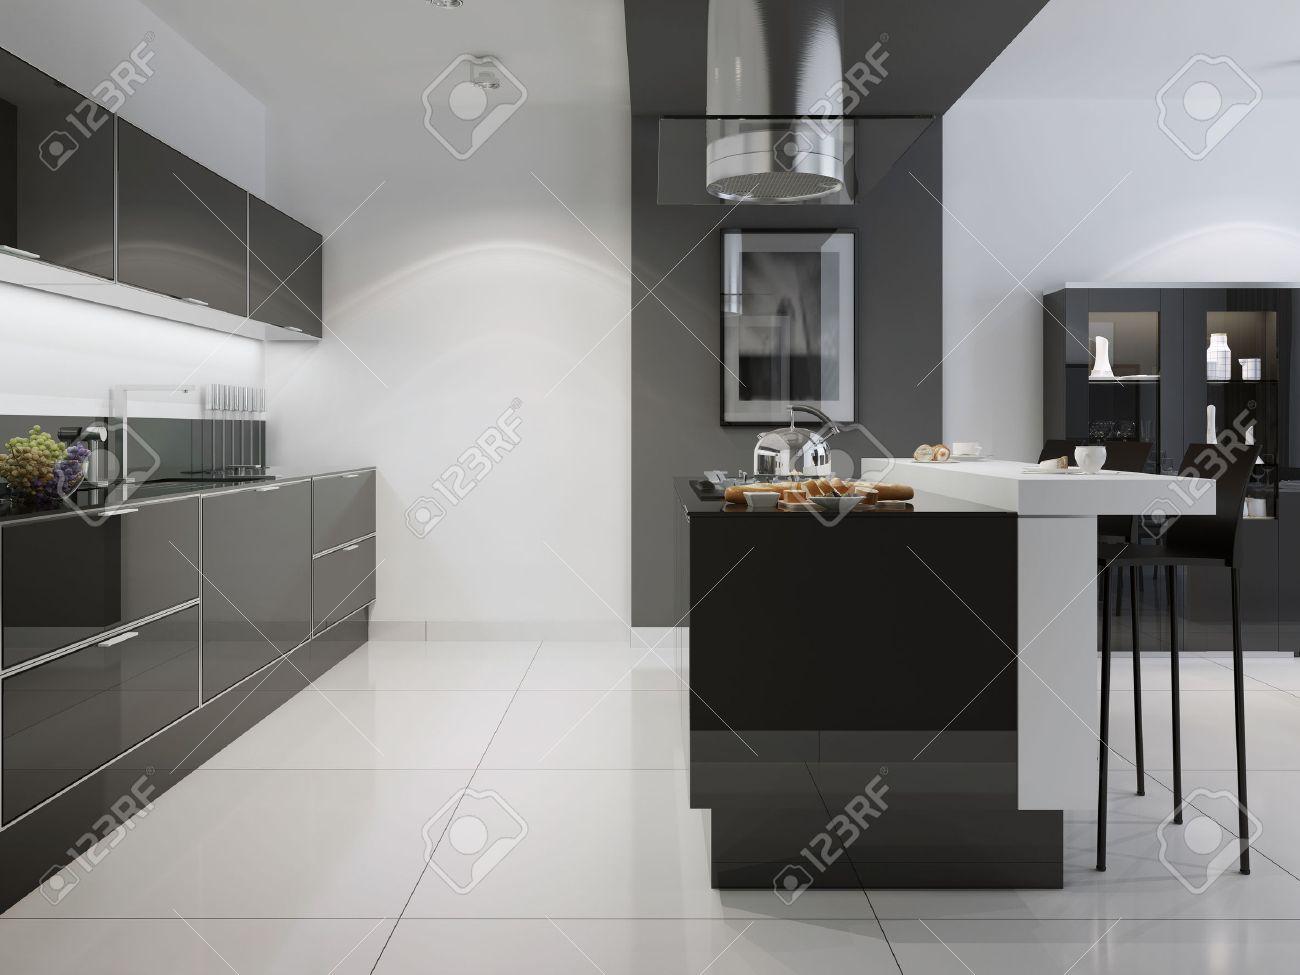 Helle Küche Mit Dunklen Möbeln. Weiße Wand Mit Schwarzen Zier ...